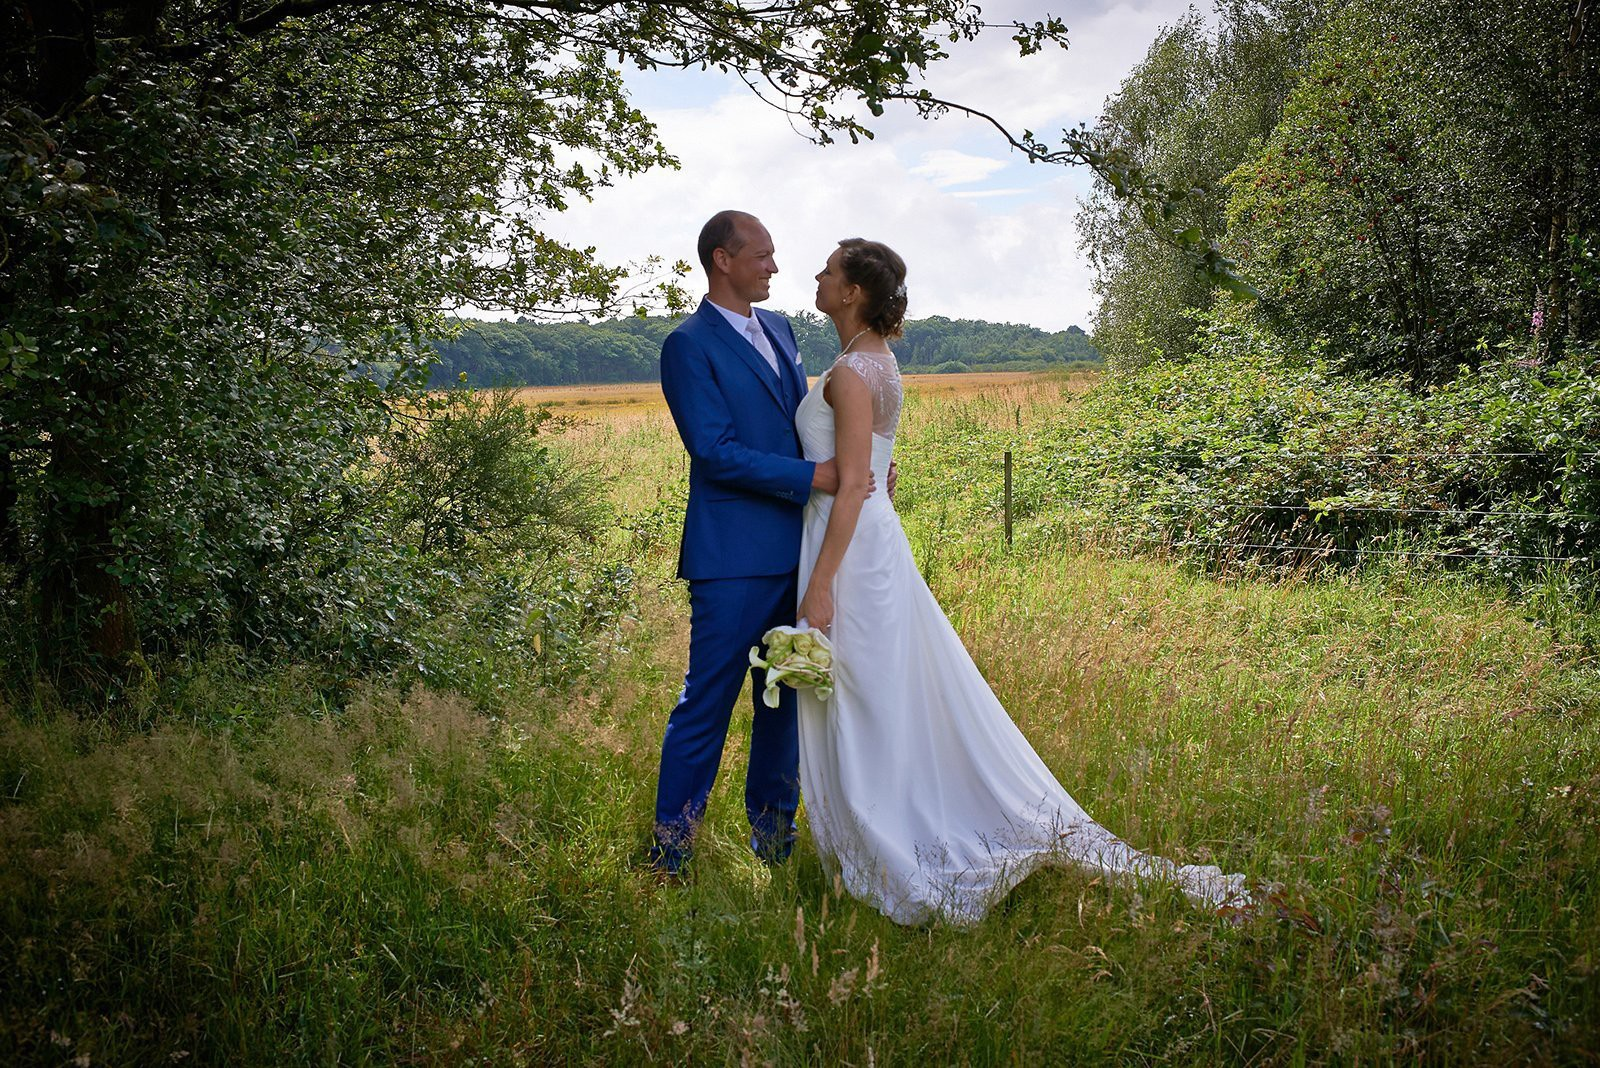 Afbeelding: Huwelijksreportages met stijl, de reportage.